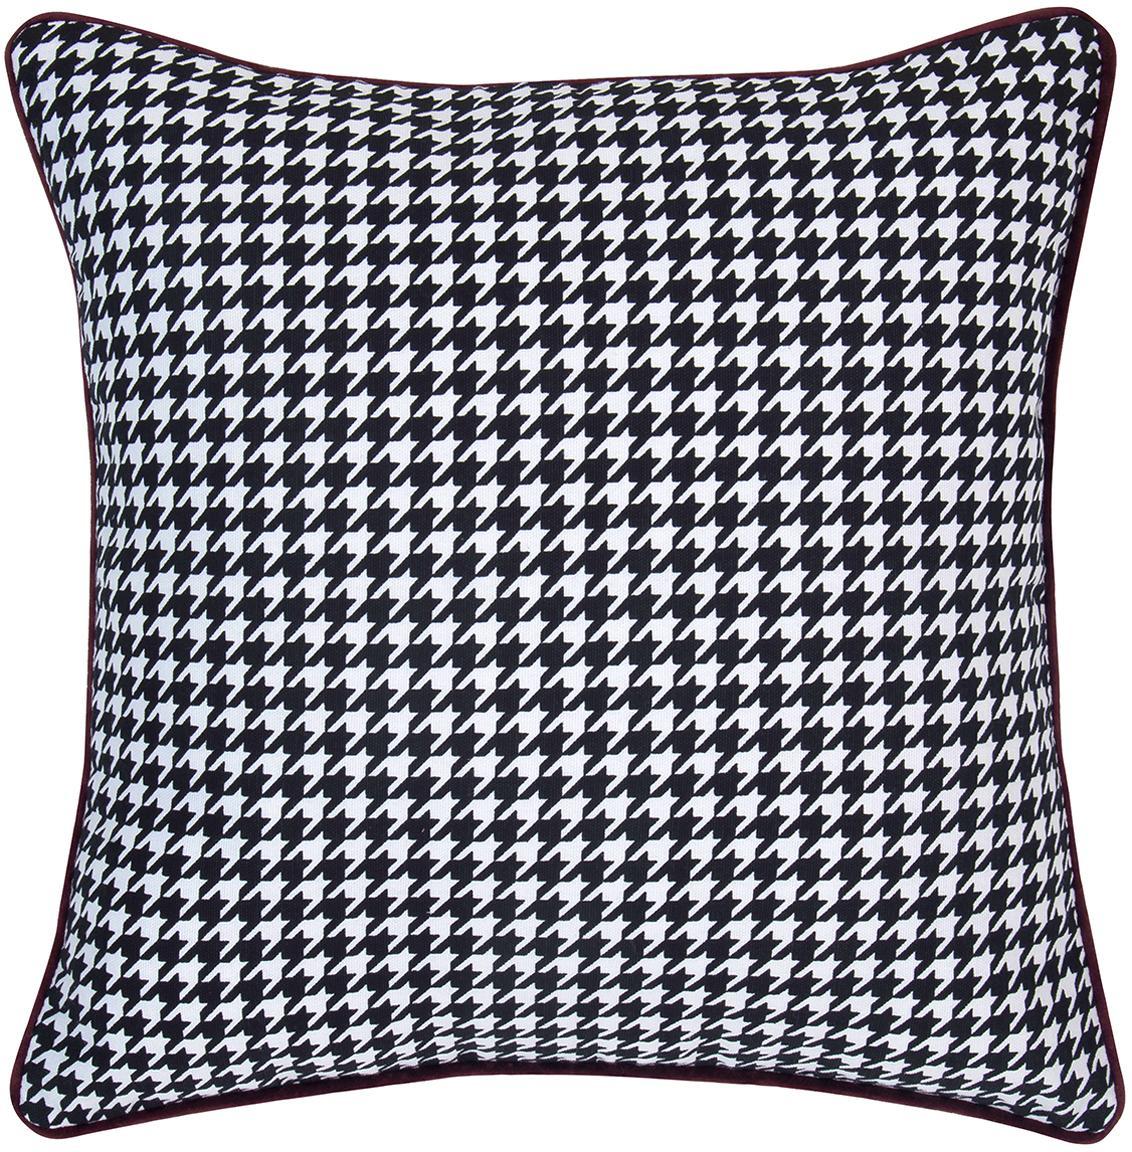 Poszewka na poduszkę Marge, Bawełna, Czarny, biały Wykończenie brzegów: oberżynowy, S 40 x D 40 cm